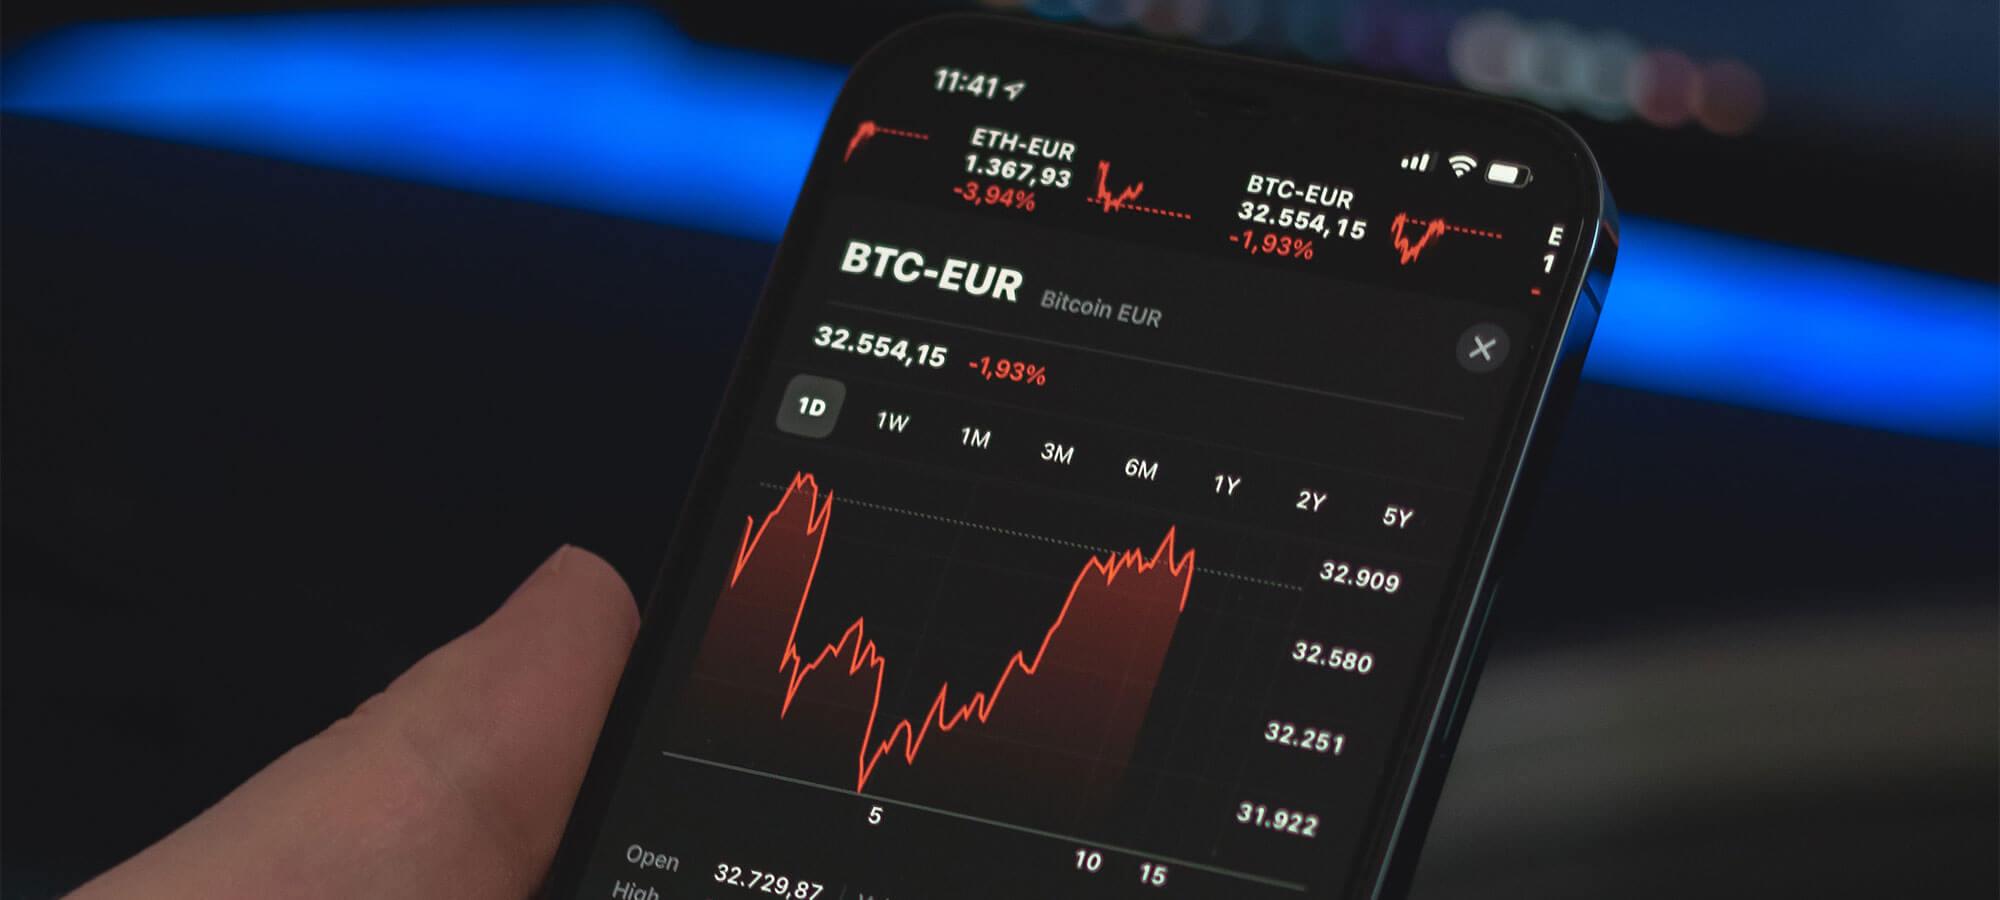 Bitcoin shown on phone